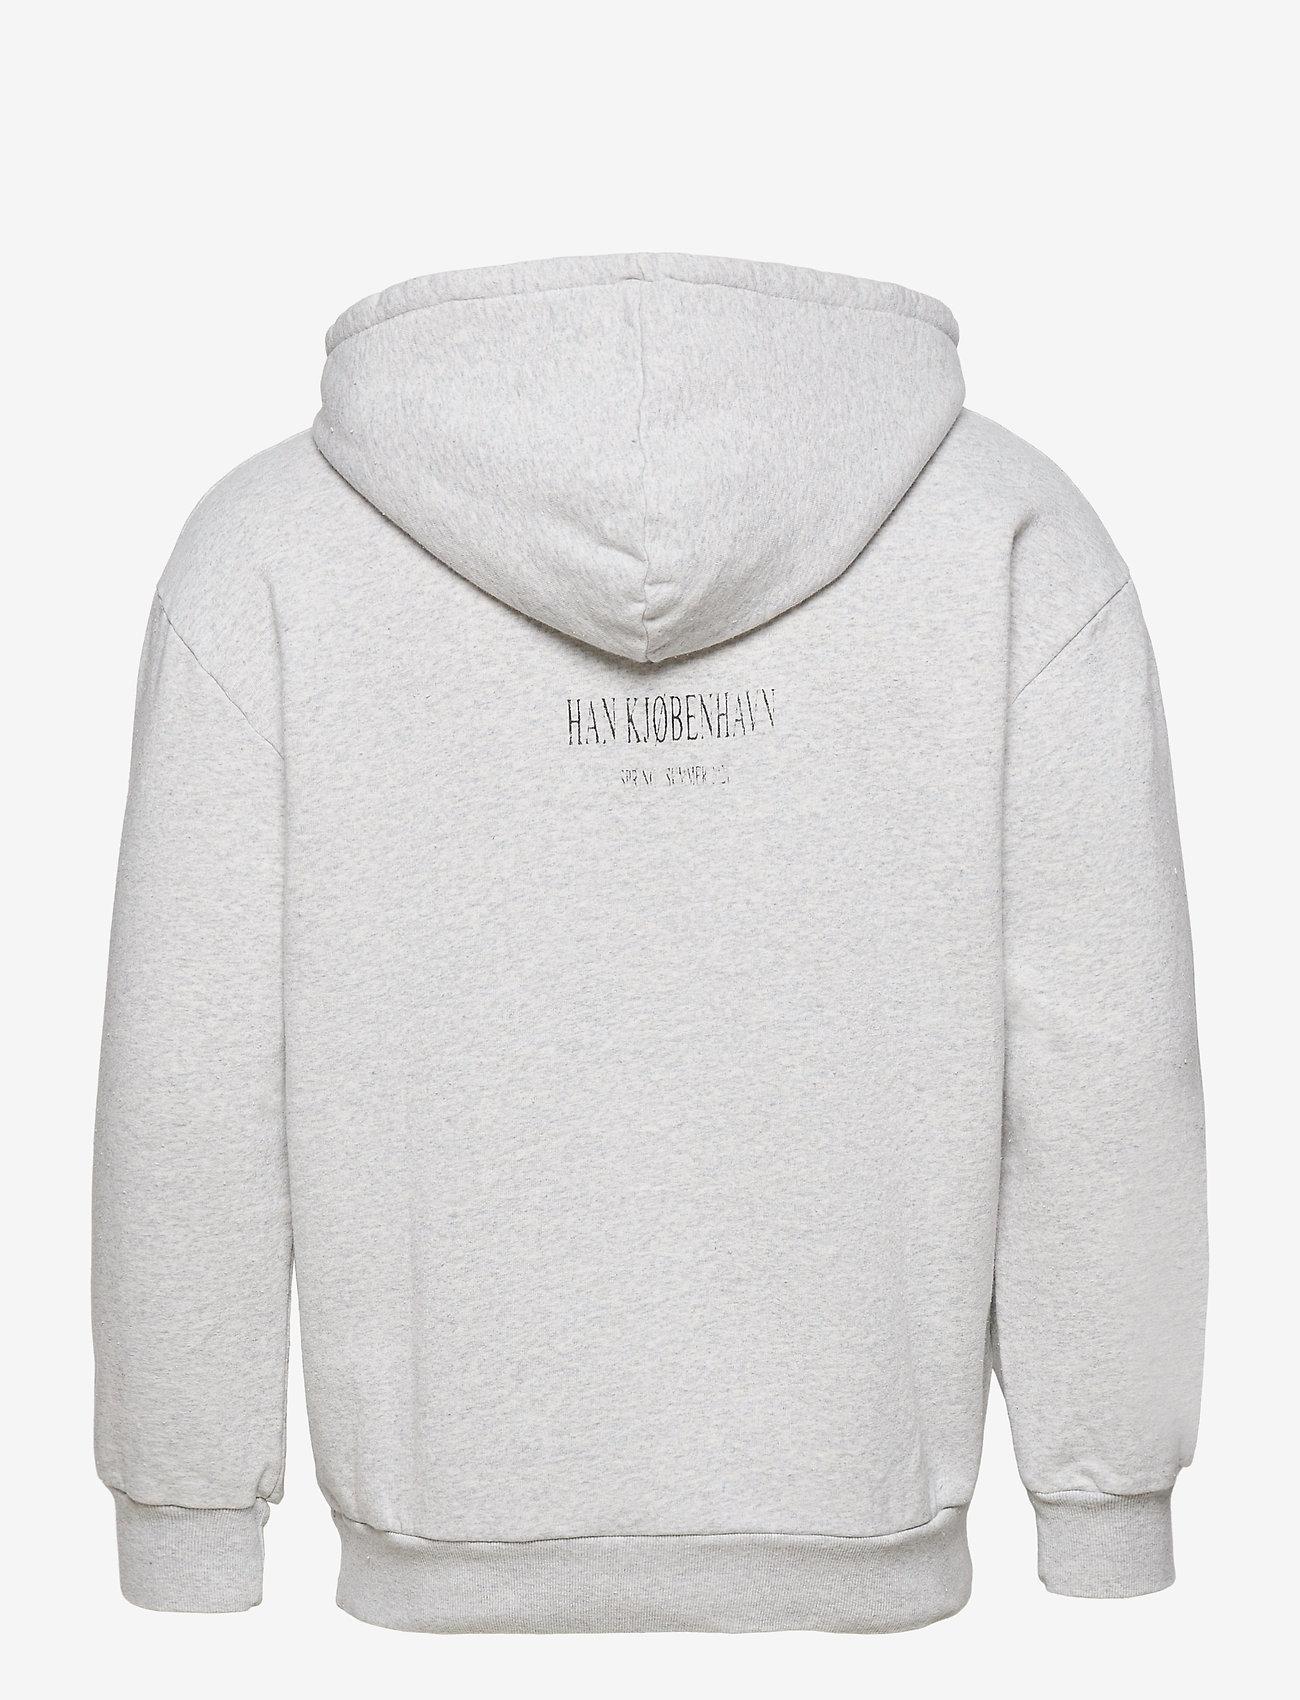 HAN Kjøbenhavn - Artwork Hoodie - hoodies - grey melange - 1